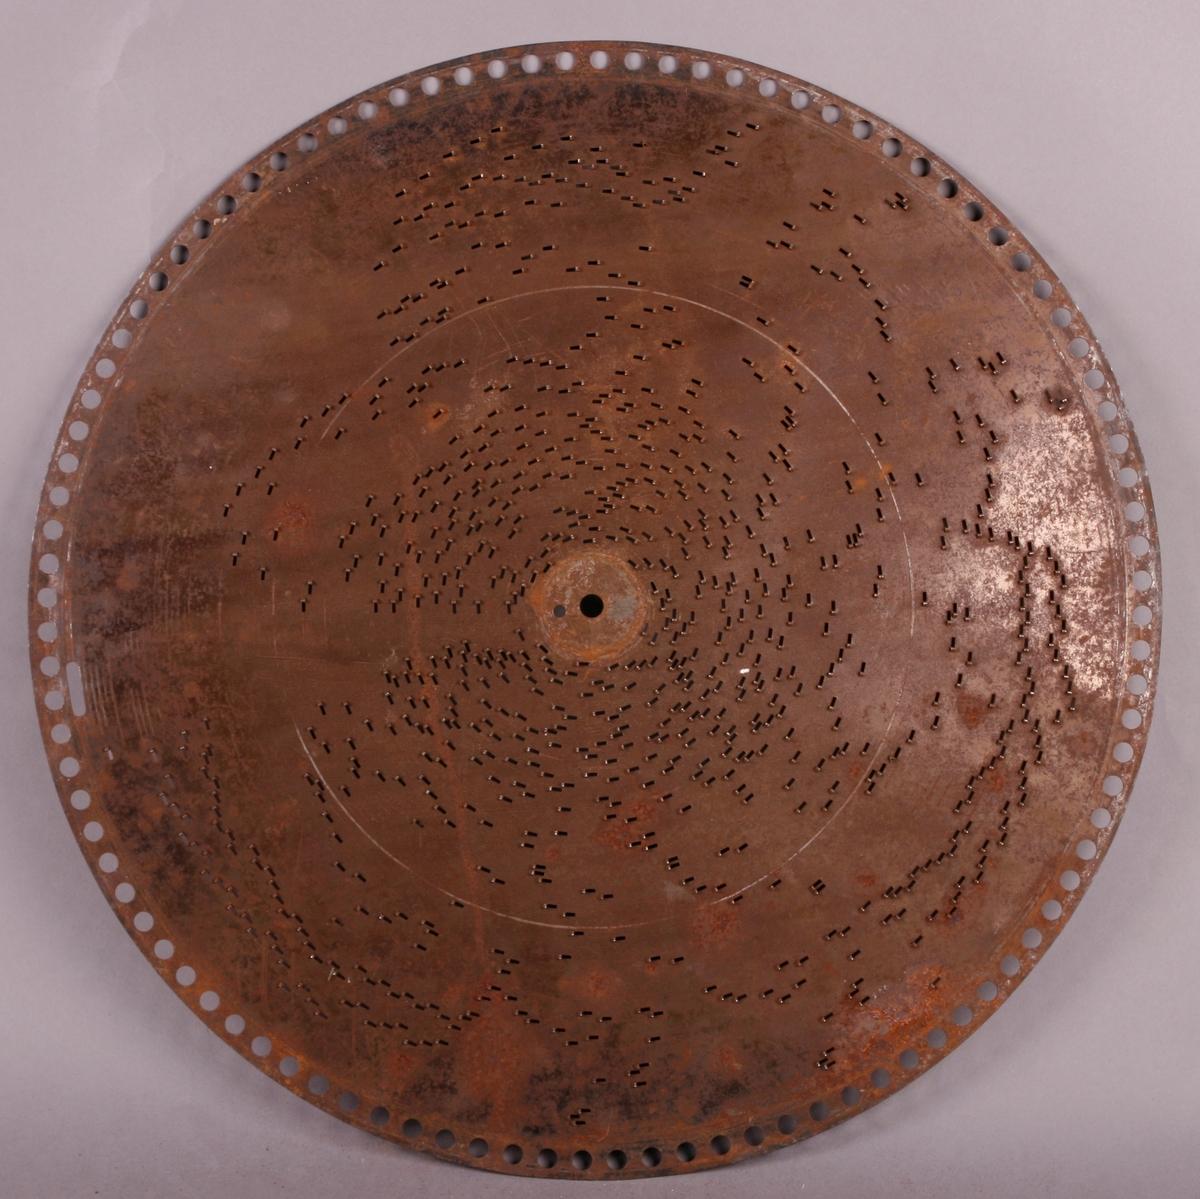 """Perfortert metallplate med pigger på undersiden. Programmert musikk for platespilledåse. 76-spor, Ø 40 cm. Drivsystem: perifere hull langs kant (ø=7 mm) for perifer tannhjulsdrift, samt et 19 mm avlangt hullfor å markere slutt/stopp.  Sentrumhull, diameter: 8 mm, samt et """"satelitt-hull"""" ved siden (ø=4 mm) på RMT 932 M-Ø, AB,  AD-AF, AH-AM, AP-AT (31 stykk). U-formet pigger på underside av platene.  NB! riller for hvert spor på underside!"""